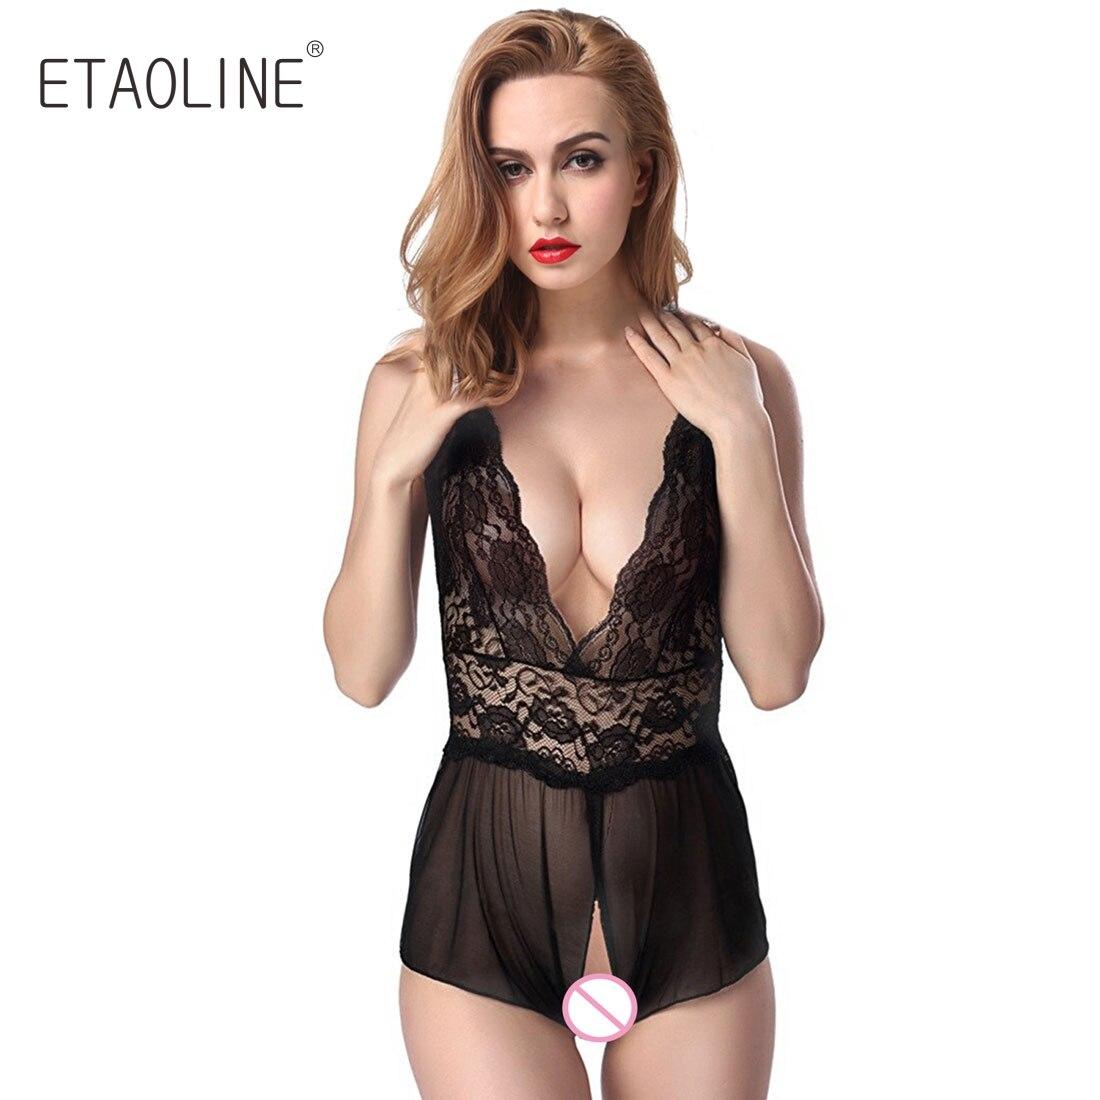 2368904467e ETAOLINE Sexy Lace Night Open Croth Dress Womens Lingerie Mesh Lace Teddy  Babydoll Dress Sleepwear Nightwear Underwear R35